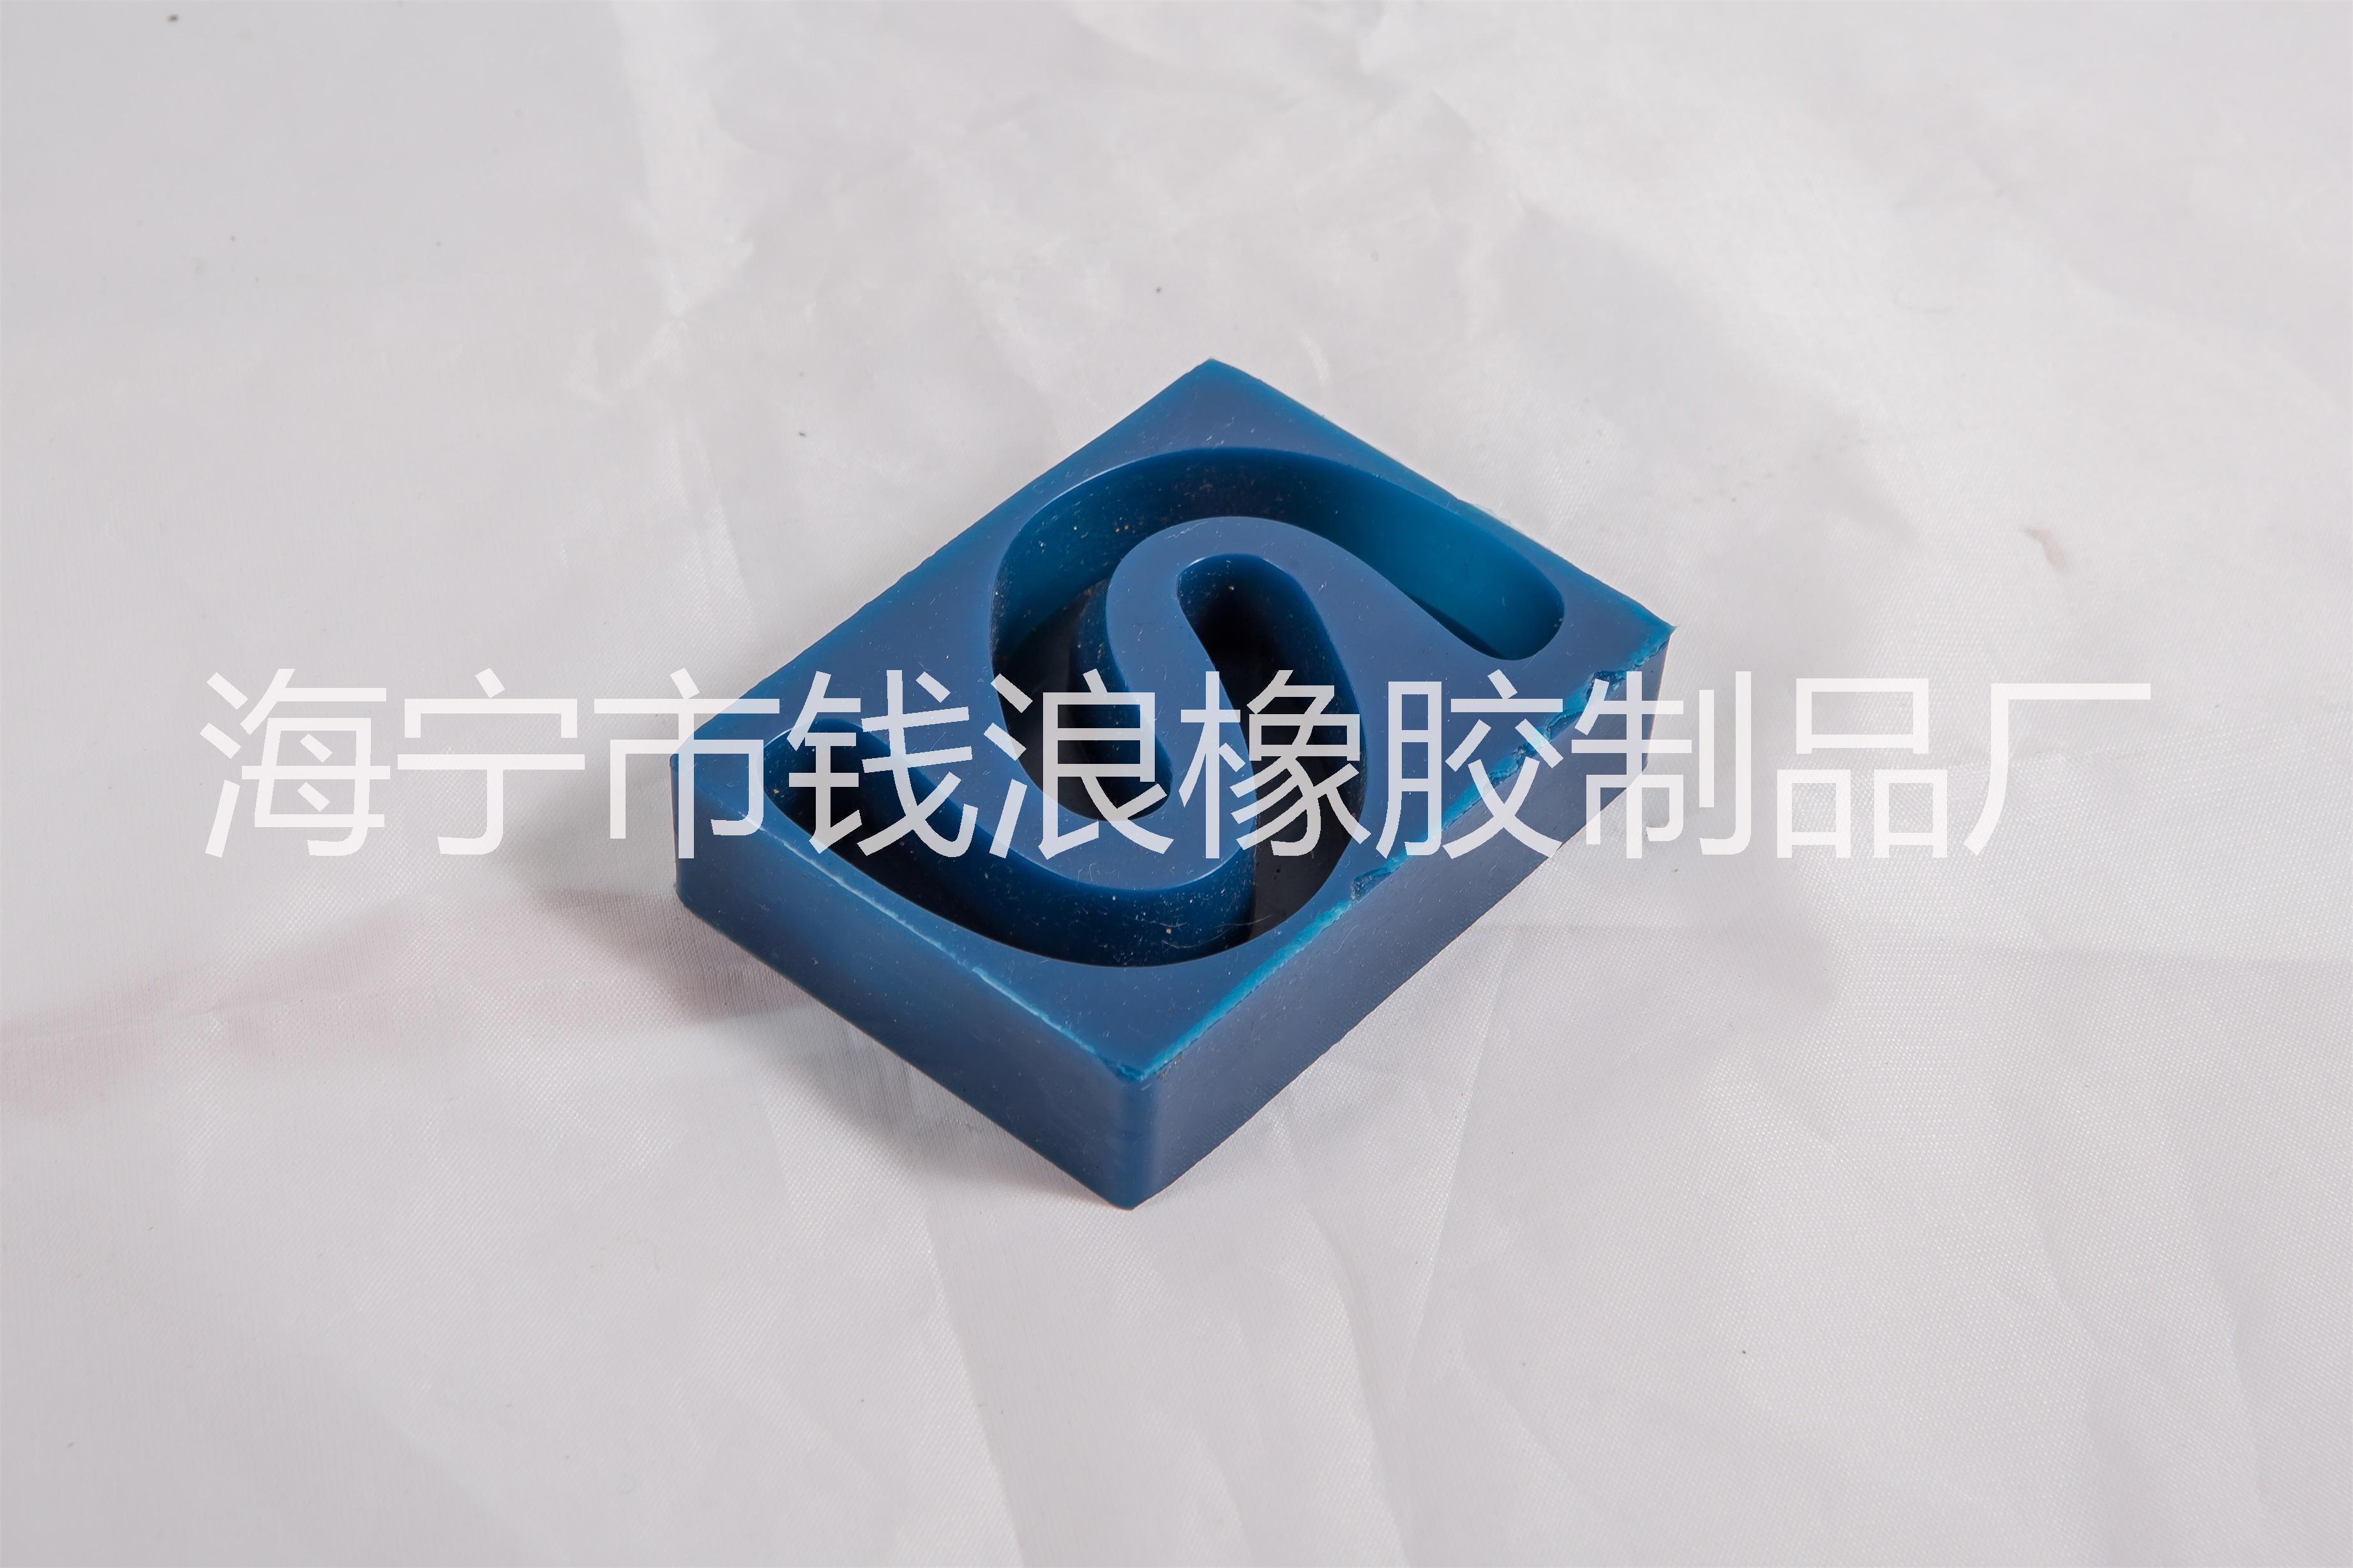 硅橡胶制品 牙型模块 牙型模块批发价格 牙型模块批发 定制牙型模块价格 定制牙型模块